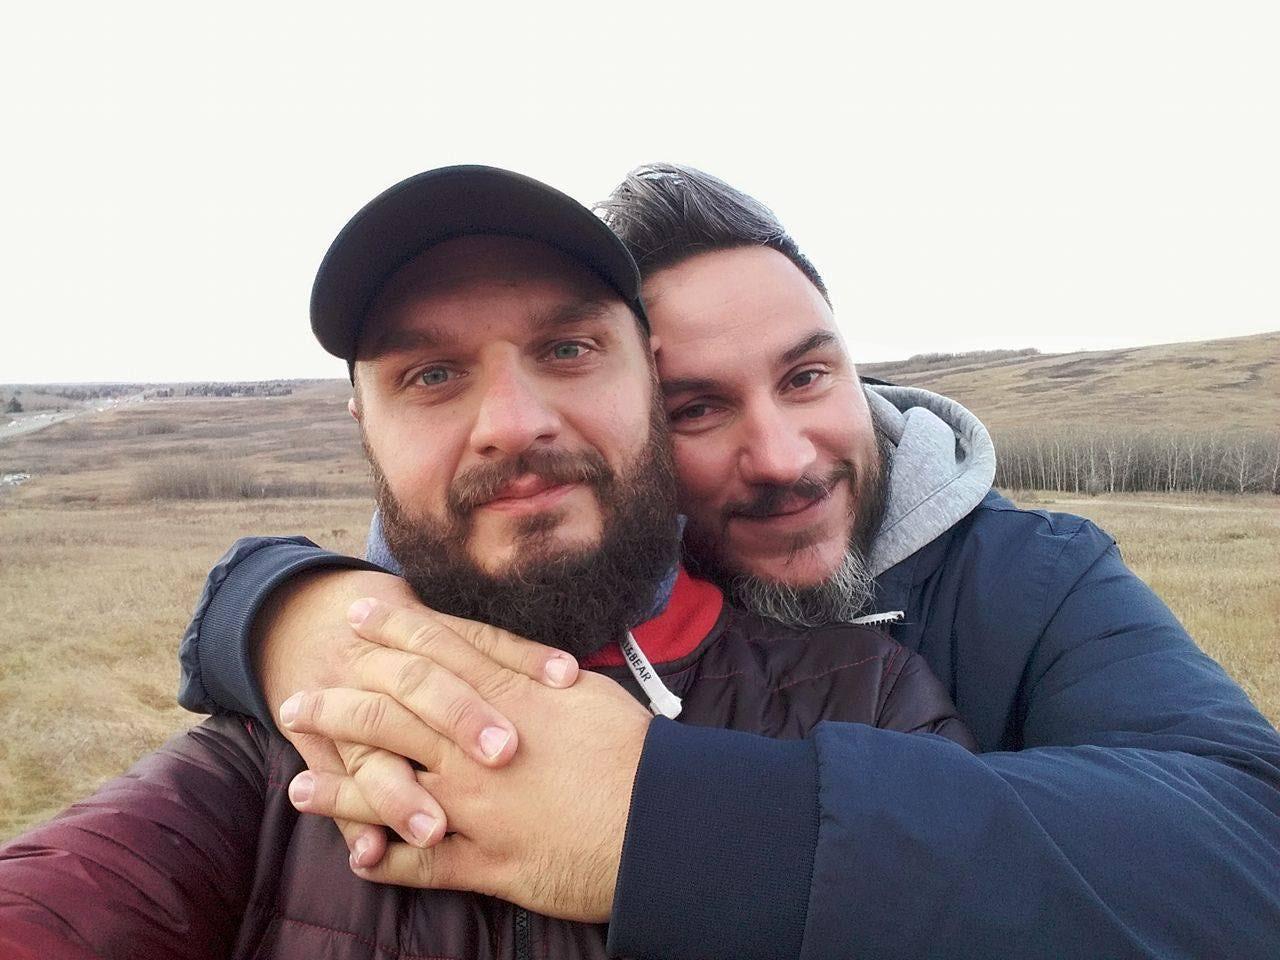 """Boban och Adam säger att de som aktivister har en """"plikt att tala ut om det homofobiska våld vi stått inför."""""""